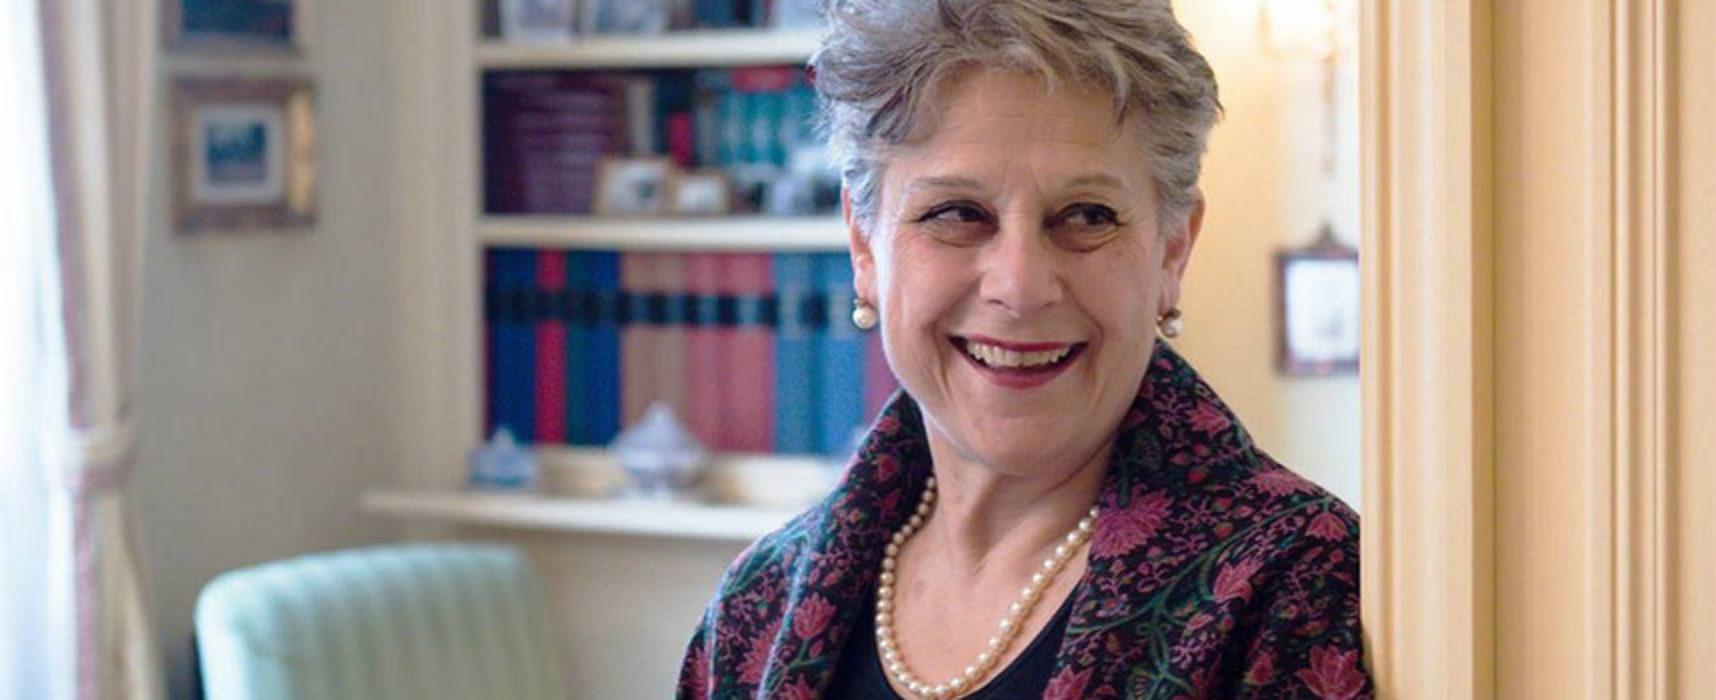 Consigli d'Autore, appuntamento con Simonetta Agnello Hornby / DIRETTA FACEBOOK su Bisceglie24